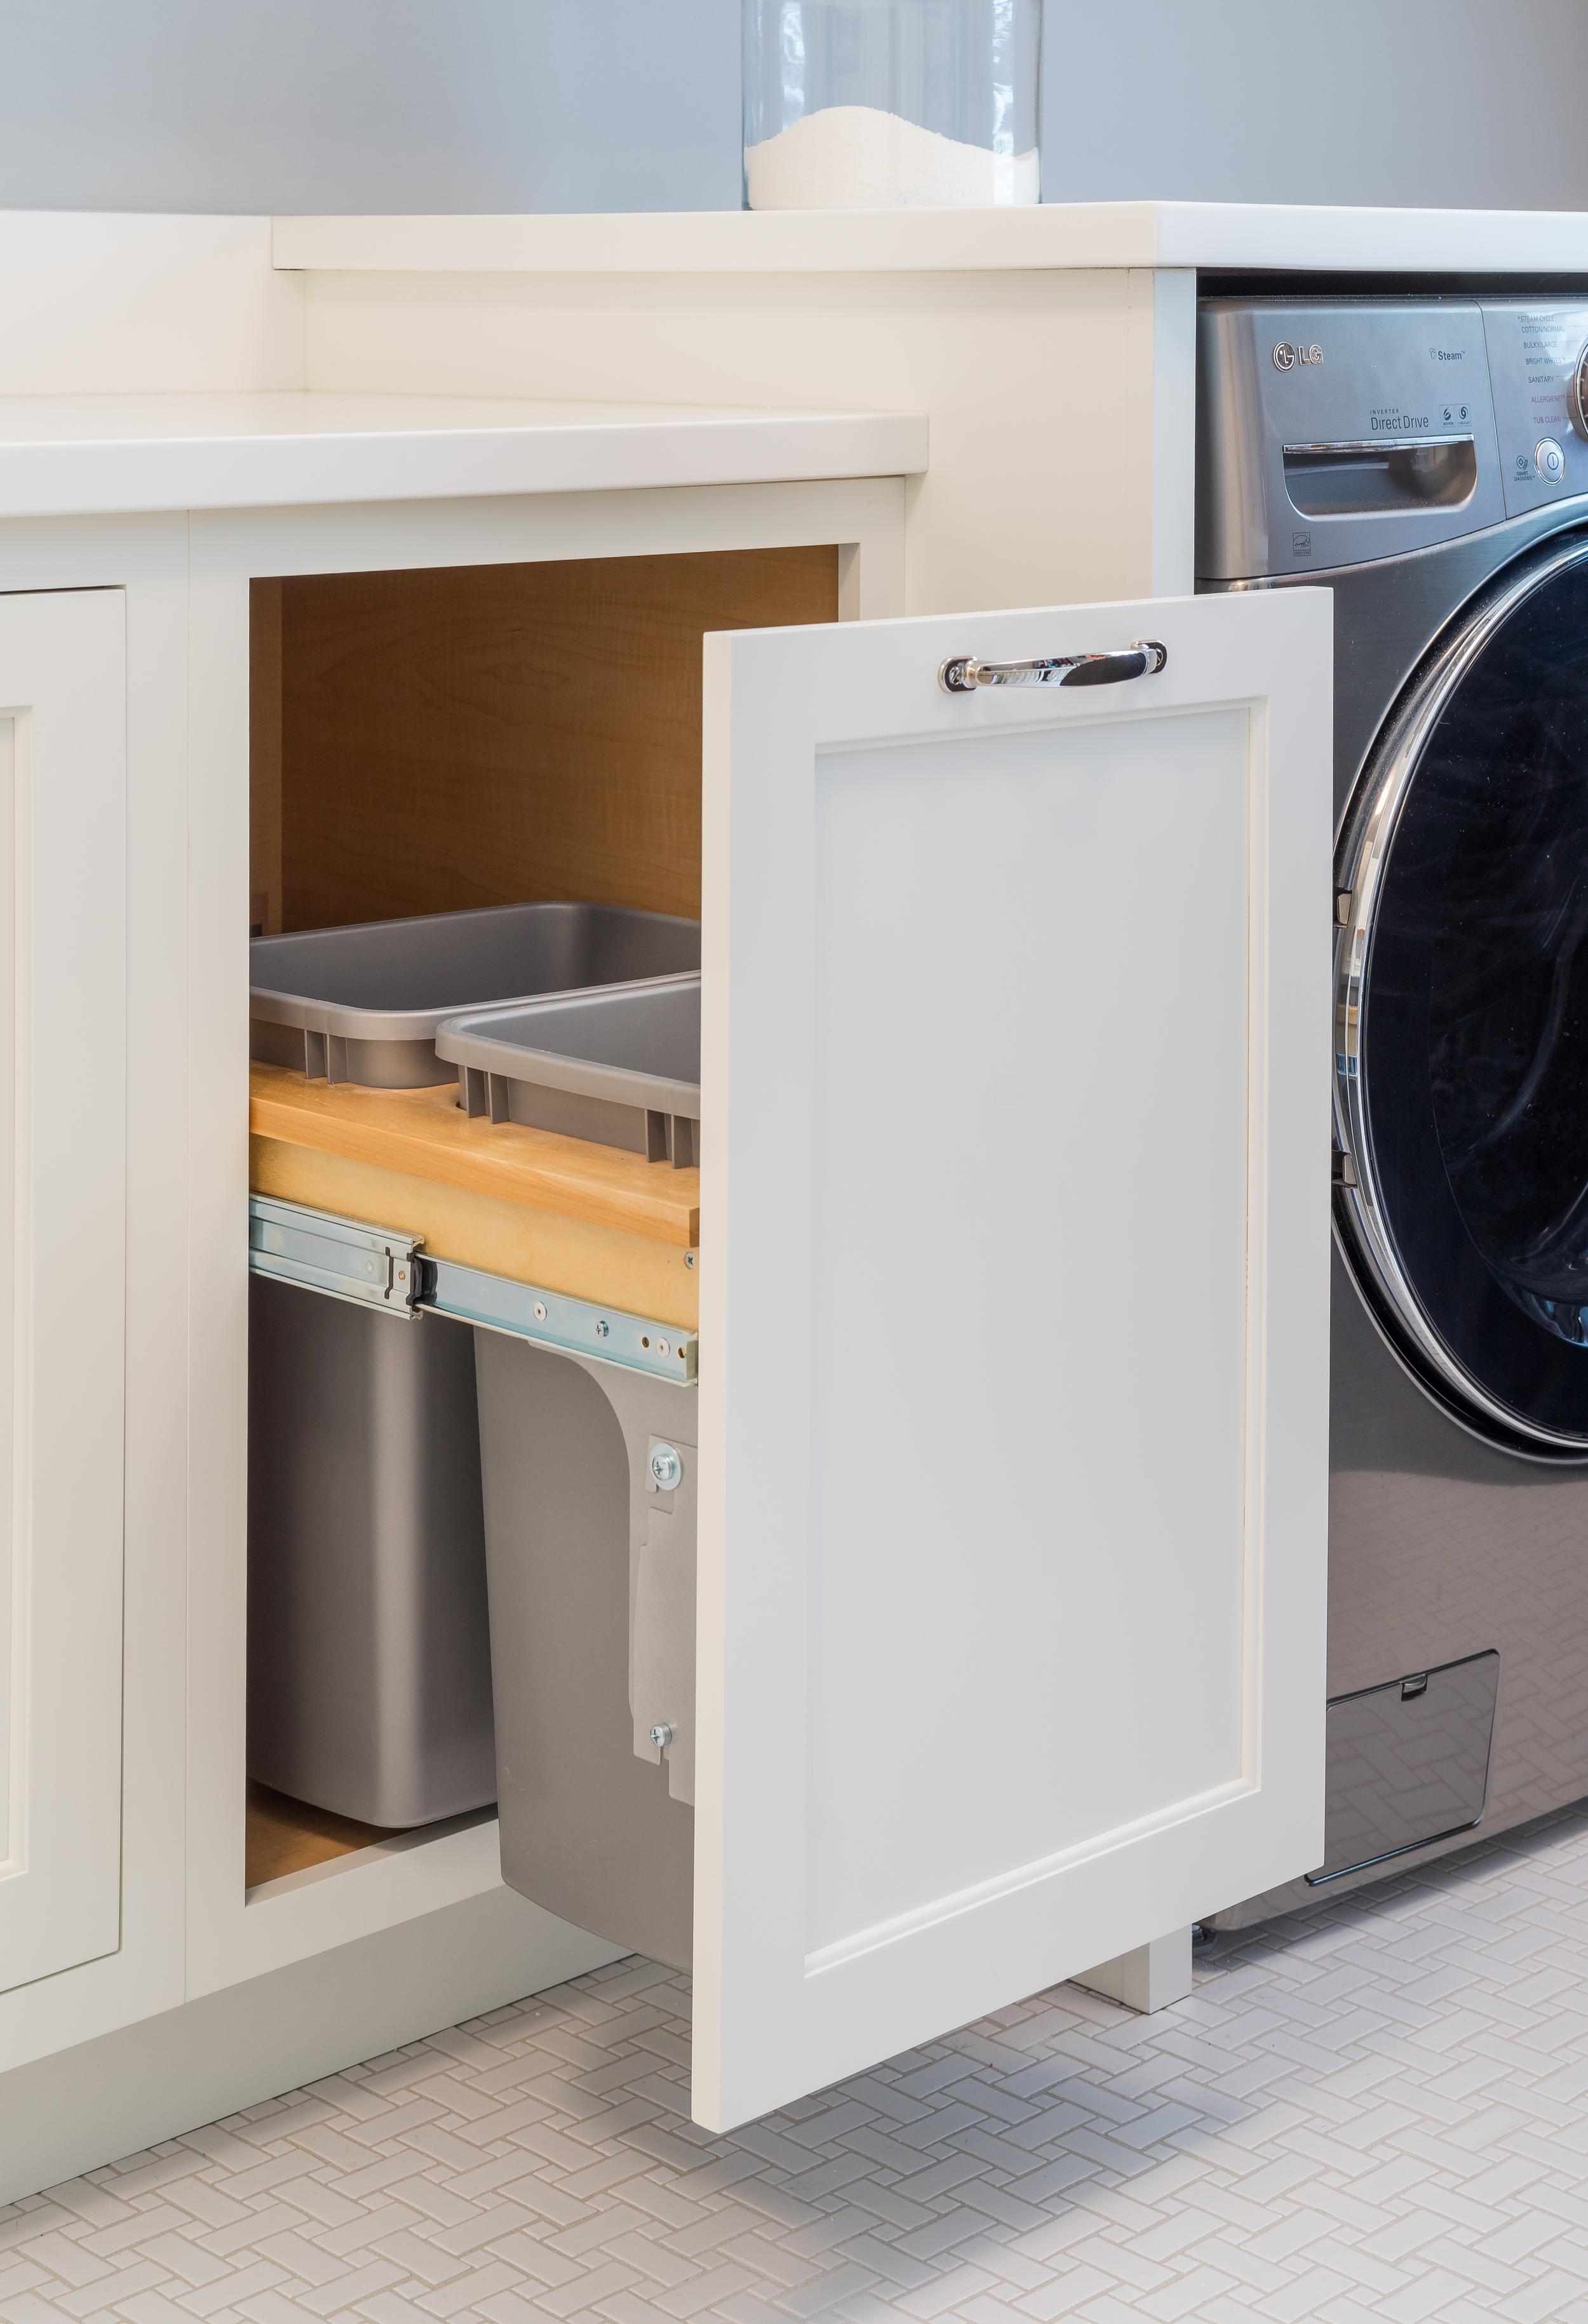 SCI Jones Residence - Laundry detail 2.jpg